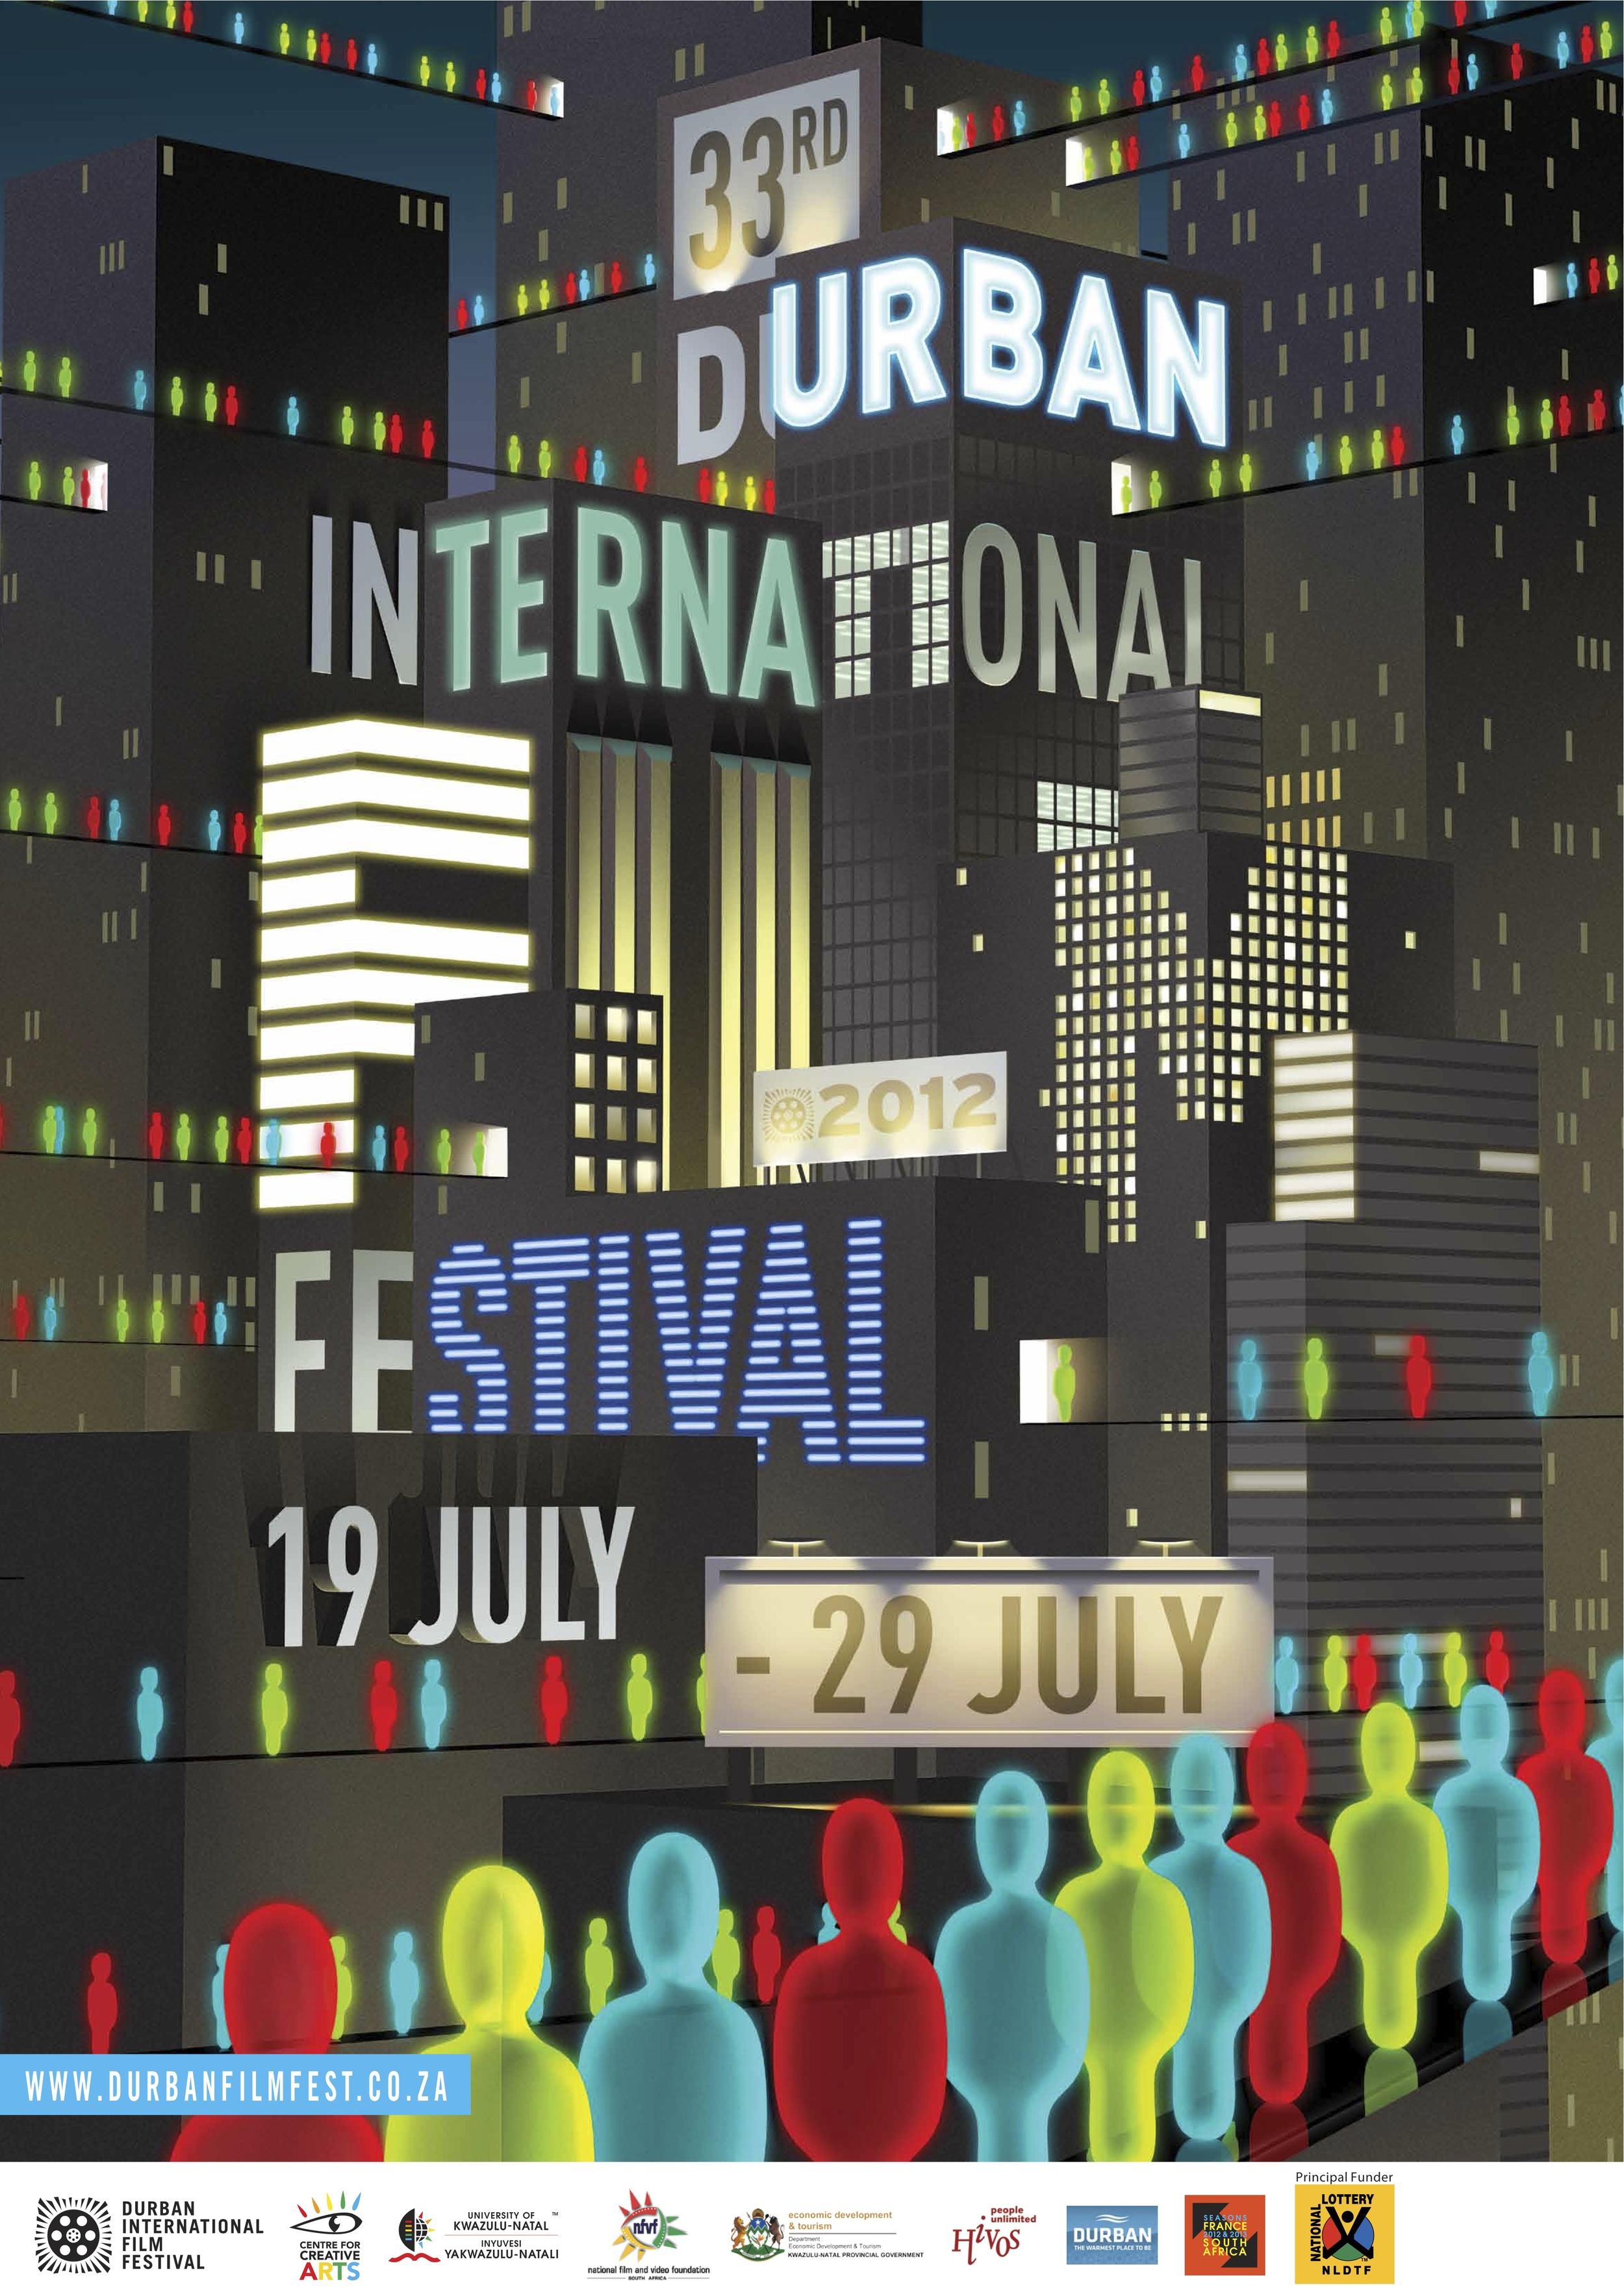 Durban International Film Festival Poste.jpg